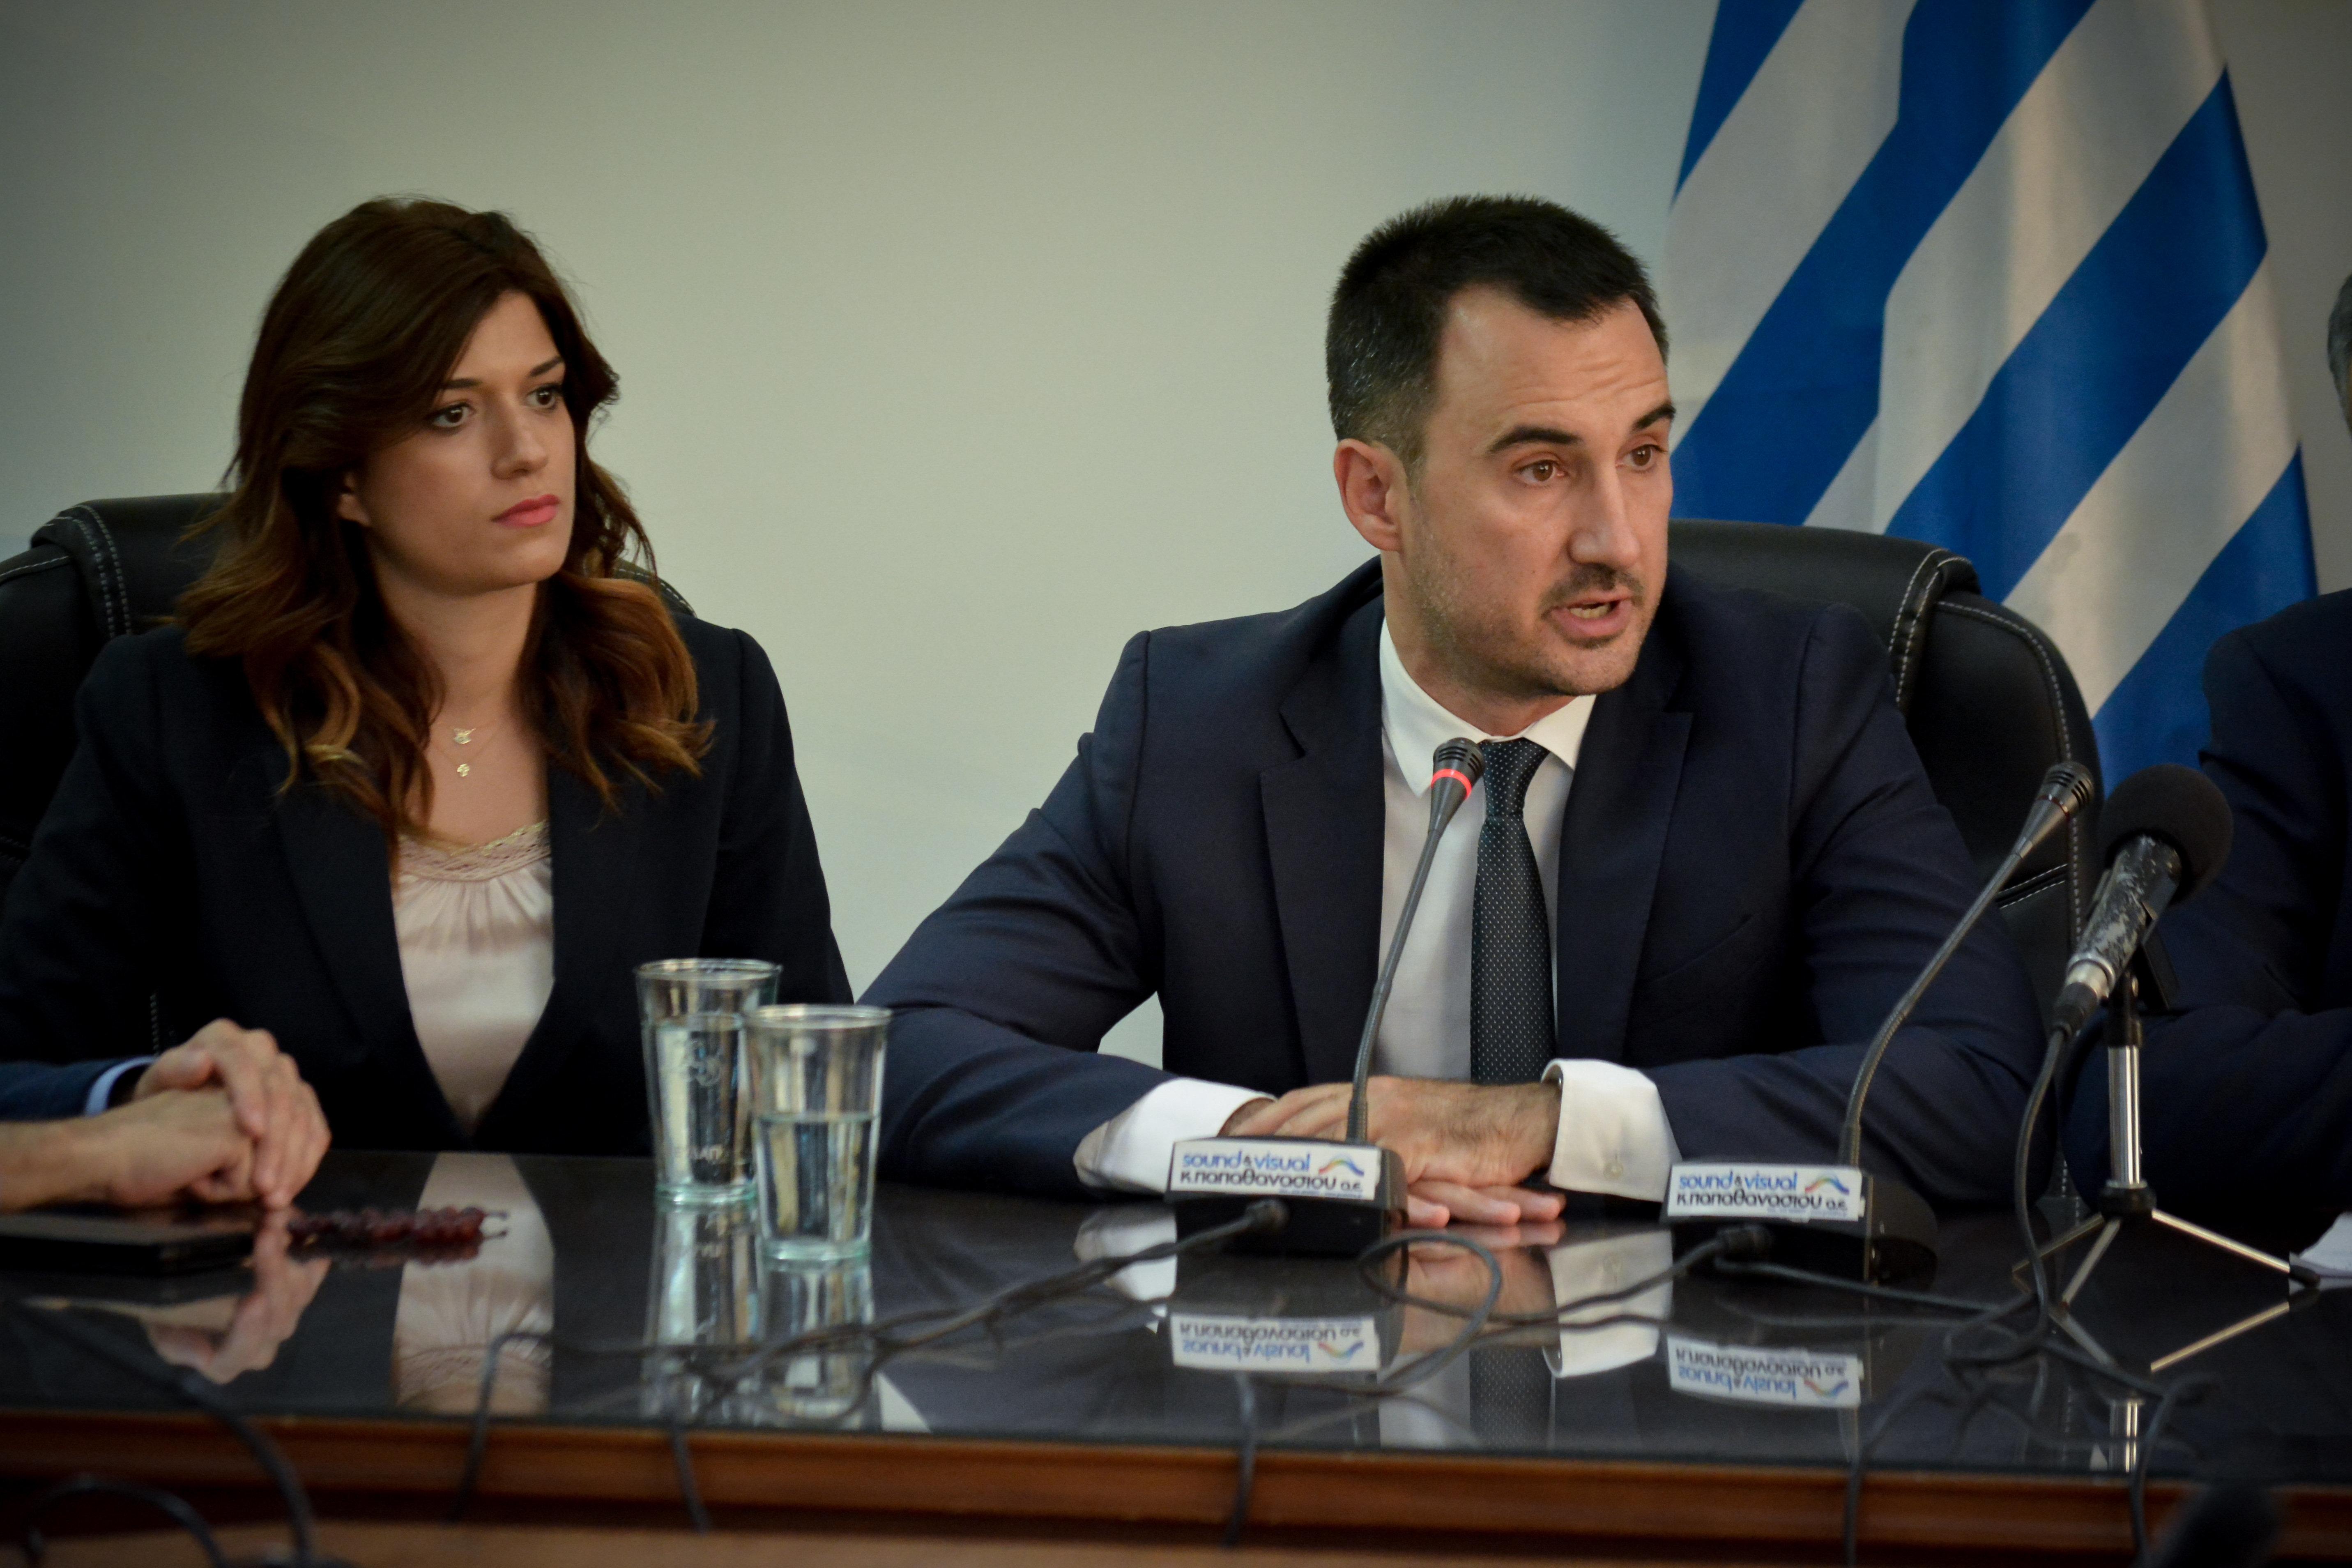 «Ασπίδα» Χαρίτση στη Νοτοπούλου -Φέρνει νομοσχέδιο για ζητήματα ισότητας